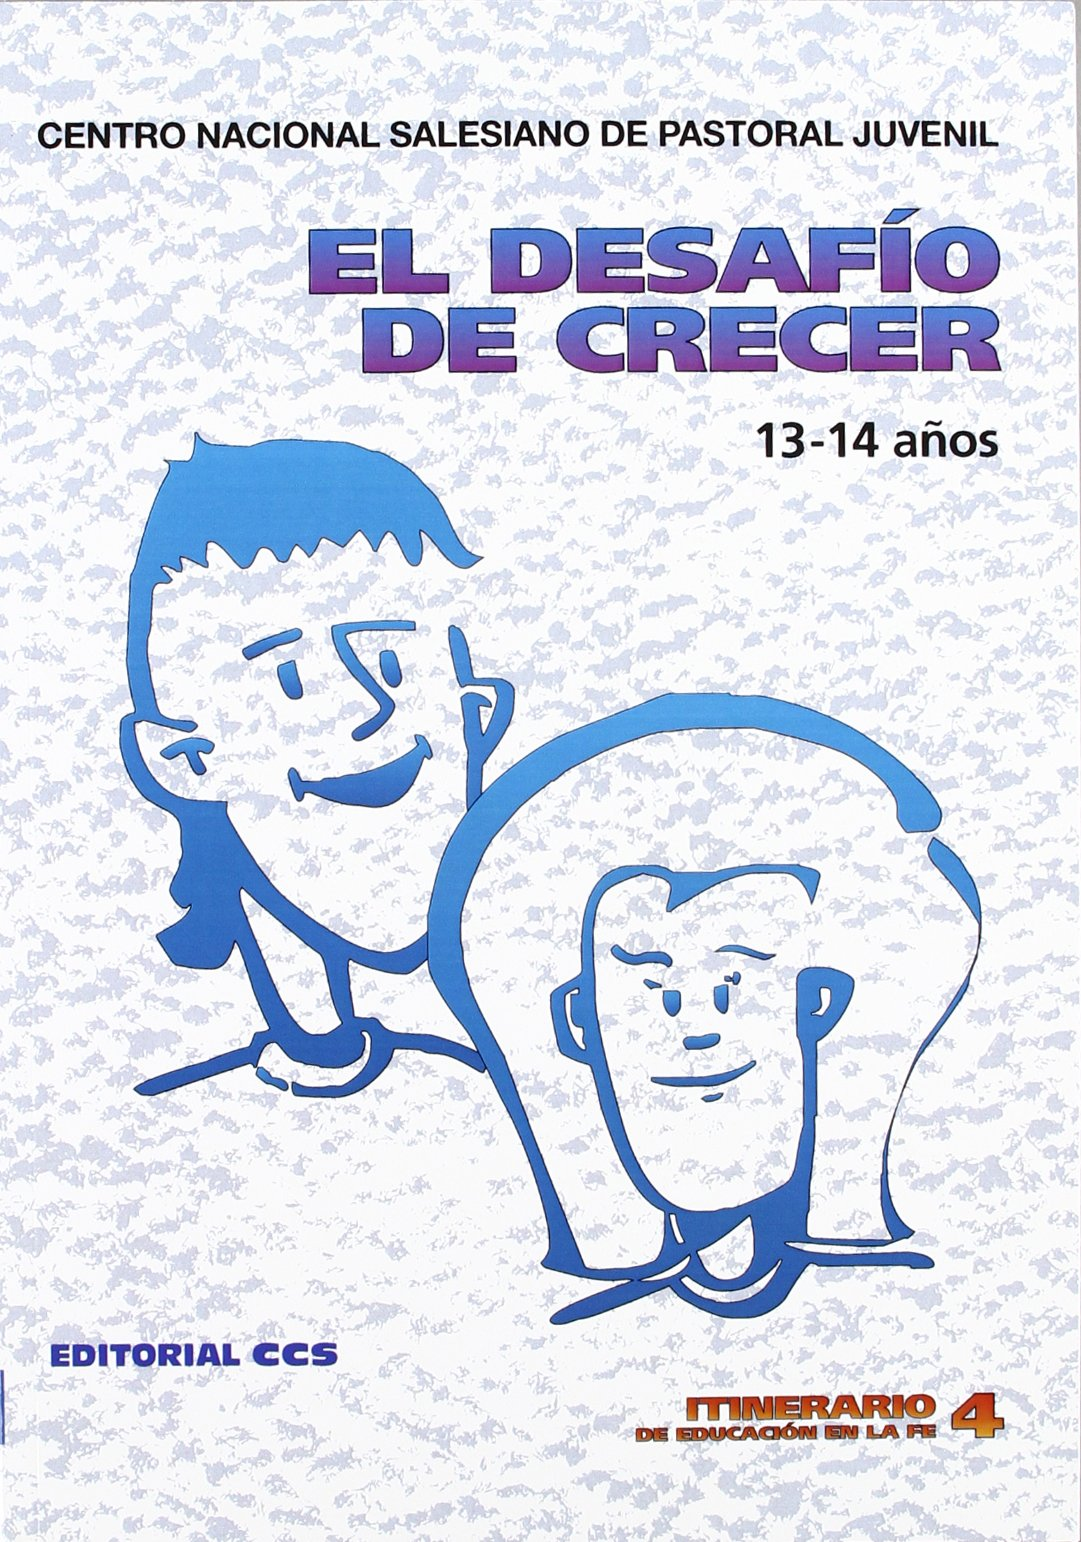 El Desafío De Crecer: 4 Itinerario de educación en la fe: Amazon.es: Centro Nacional Salesiano de Pastoral Juvenil: Libros